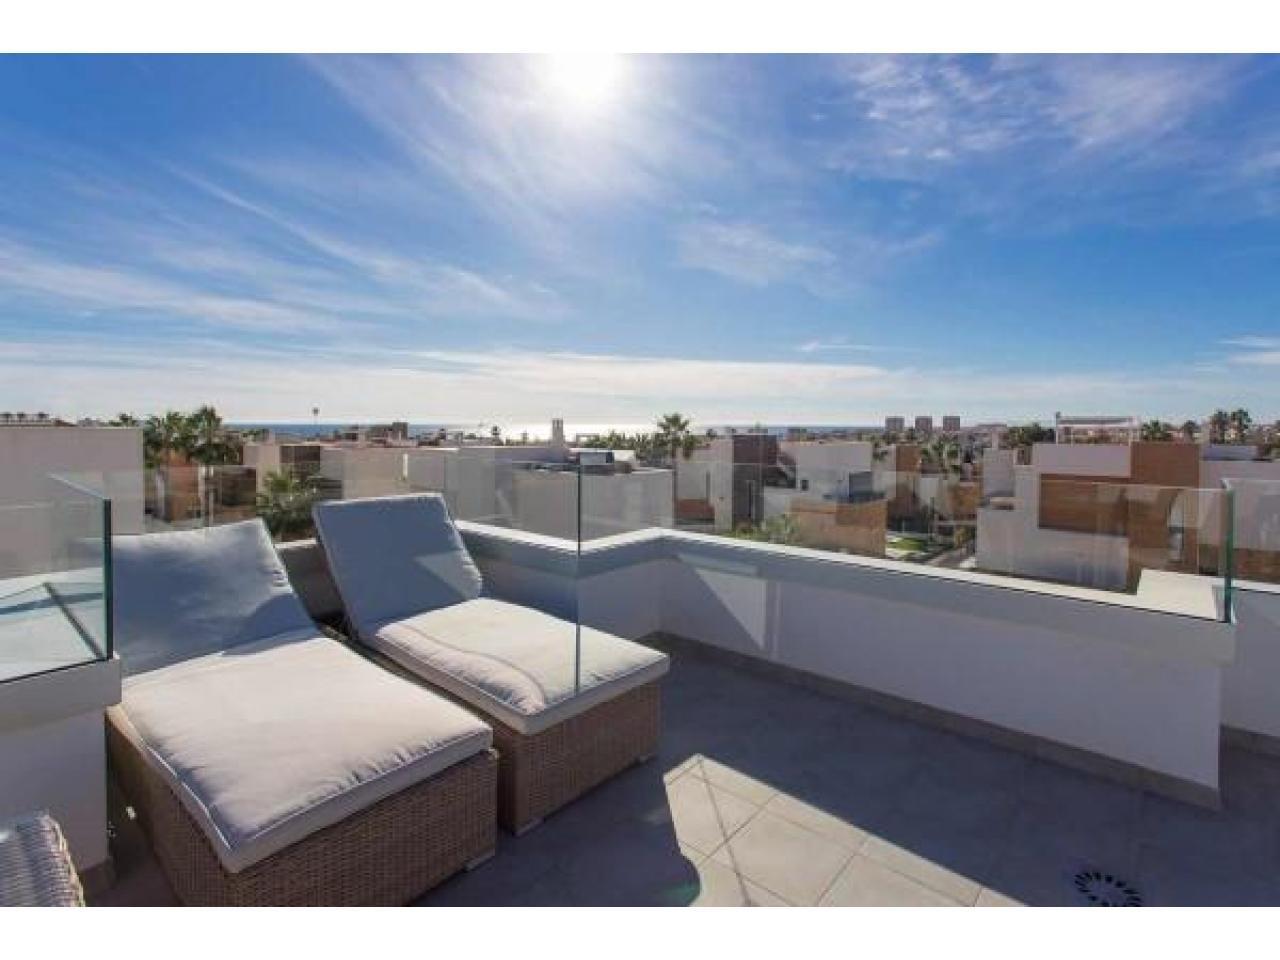 Недвижимость в Испании, Новая вилла рядом с пляжем от застройщика в Торревьеха,Коста Бланка,Испания - 3